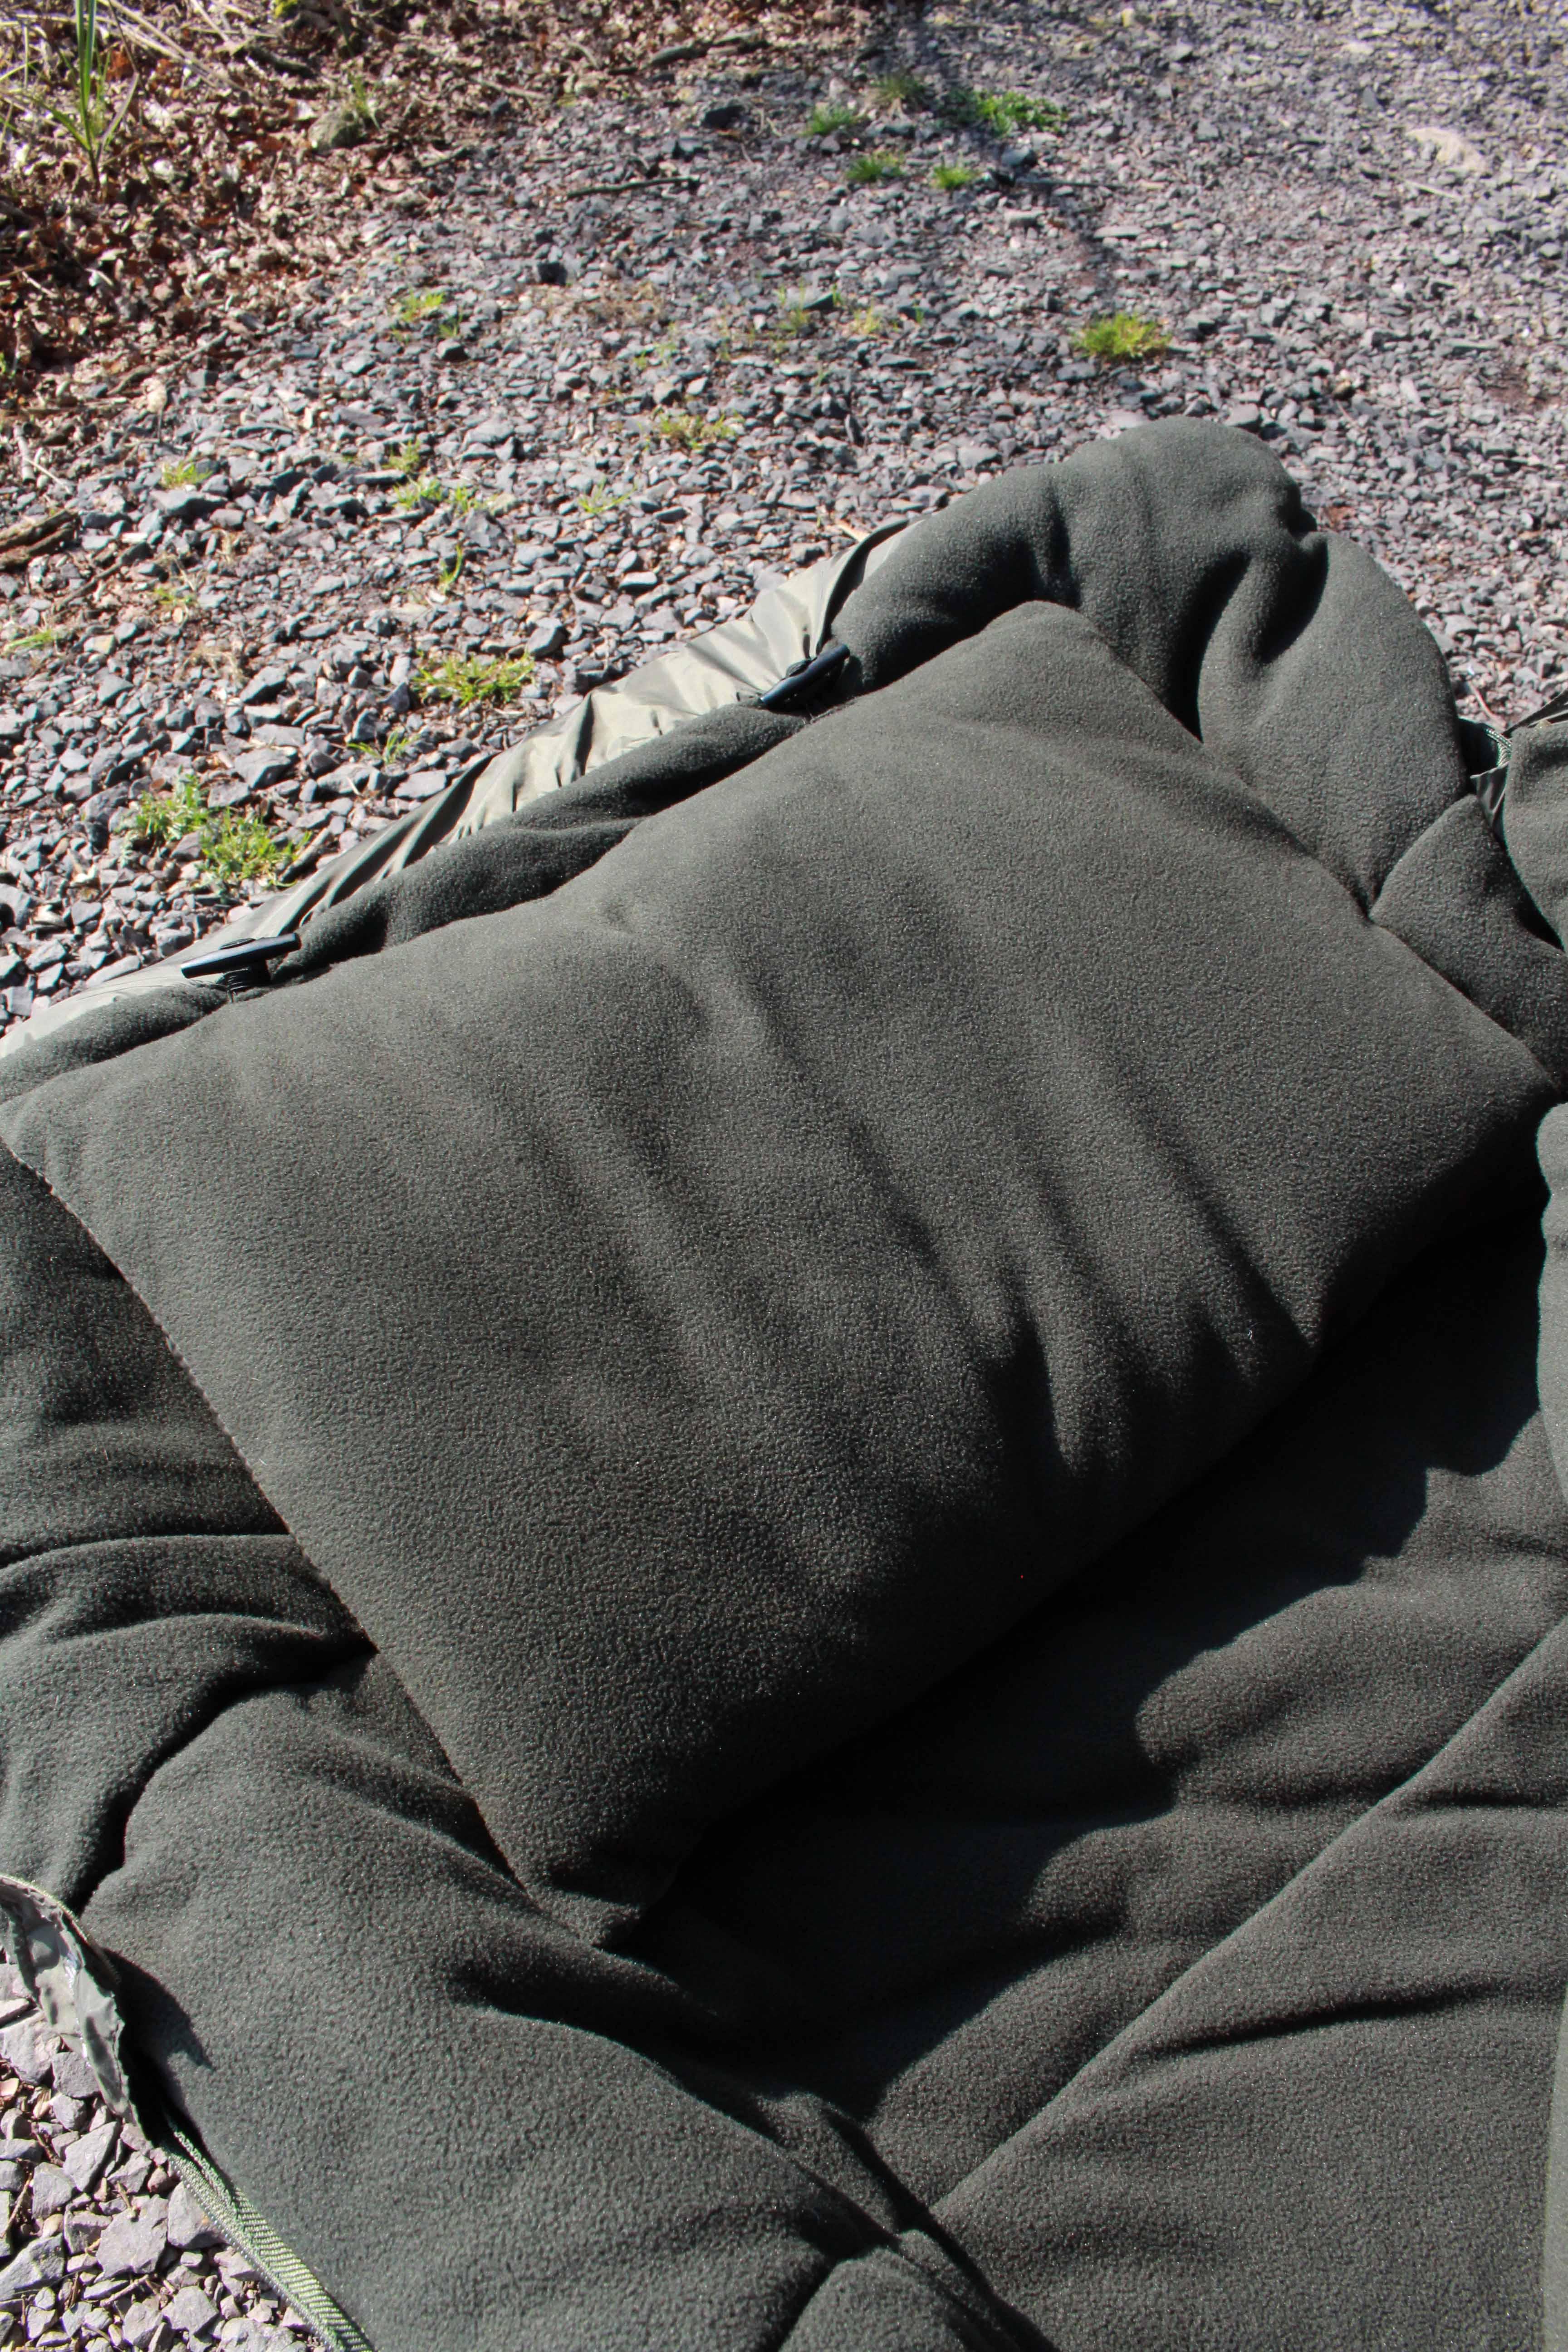 Sleeping Bag 3 low.jpg